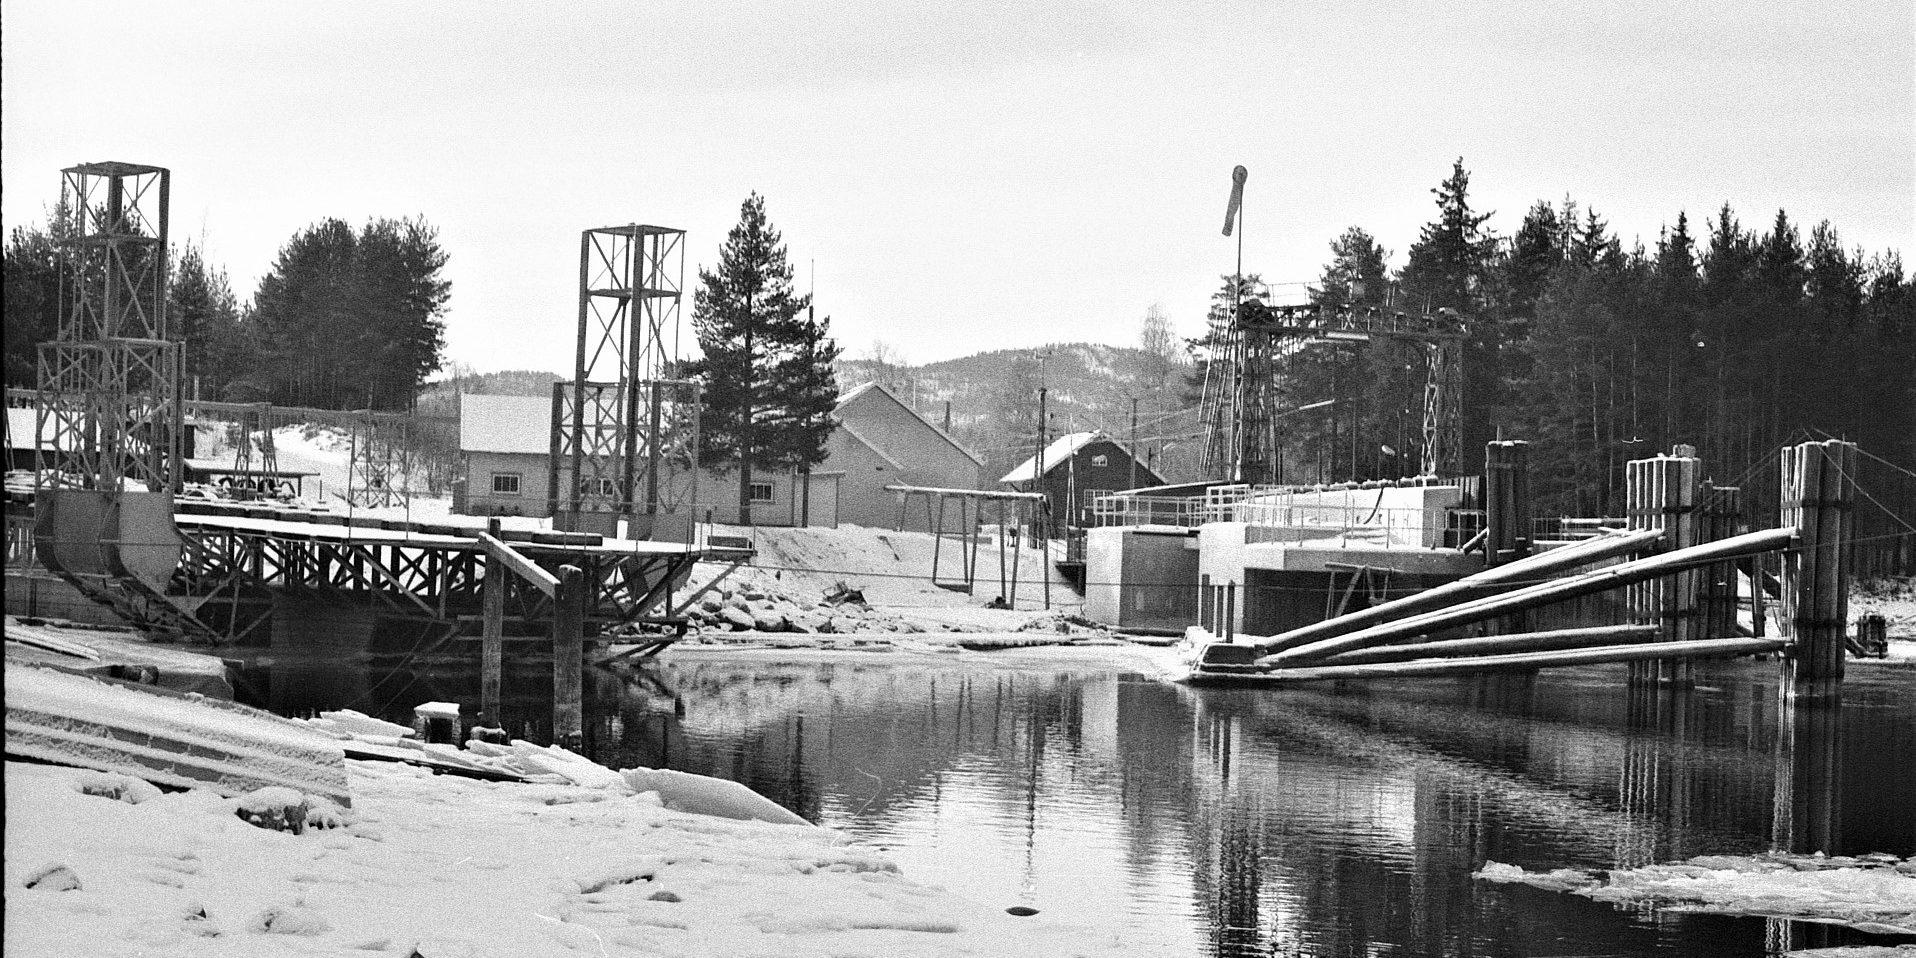 Avanserte installasjoner: Både slippen på Tinnoset (t.v.) og ferjeleiet var for sin tid avanserte og krevende anlegg. De er fortsatt intakt og i bruk. (Foto: NIA).